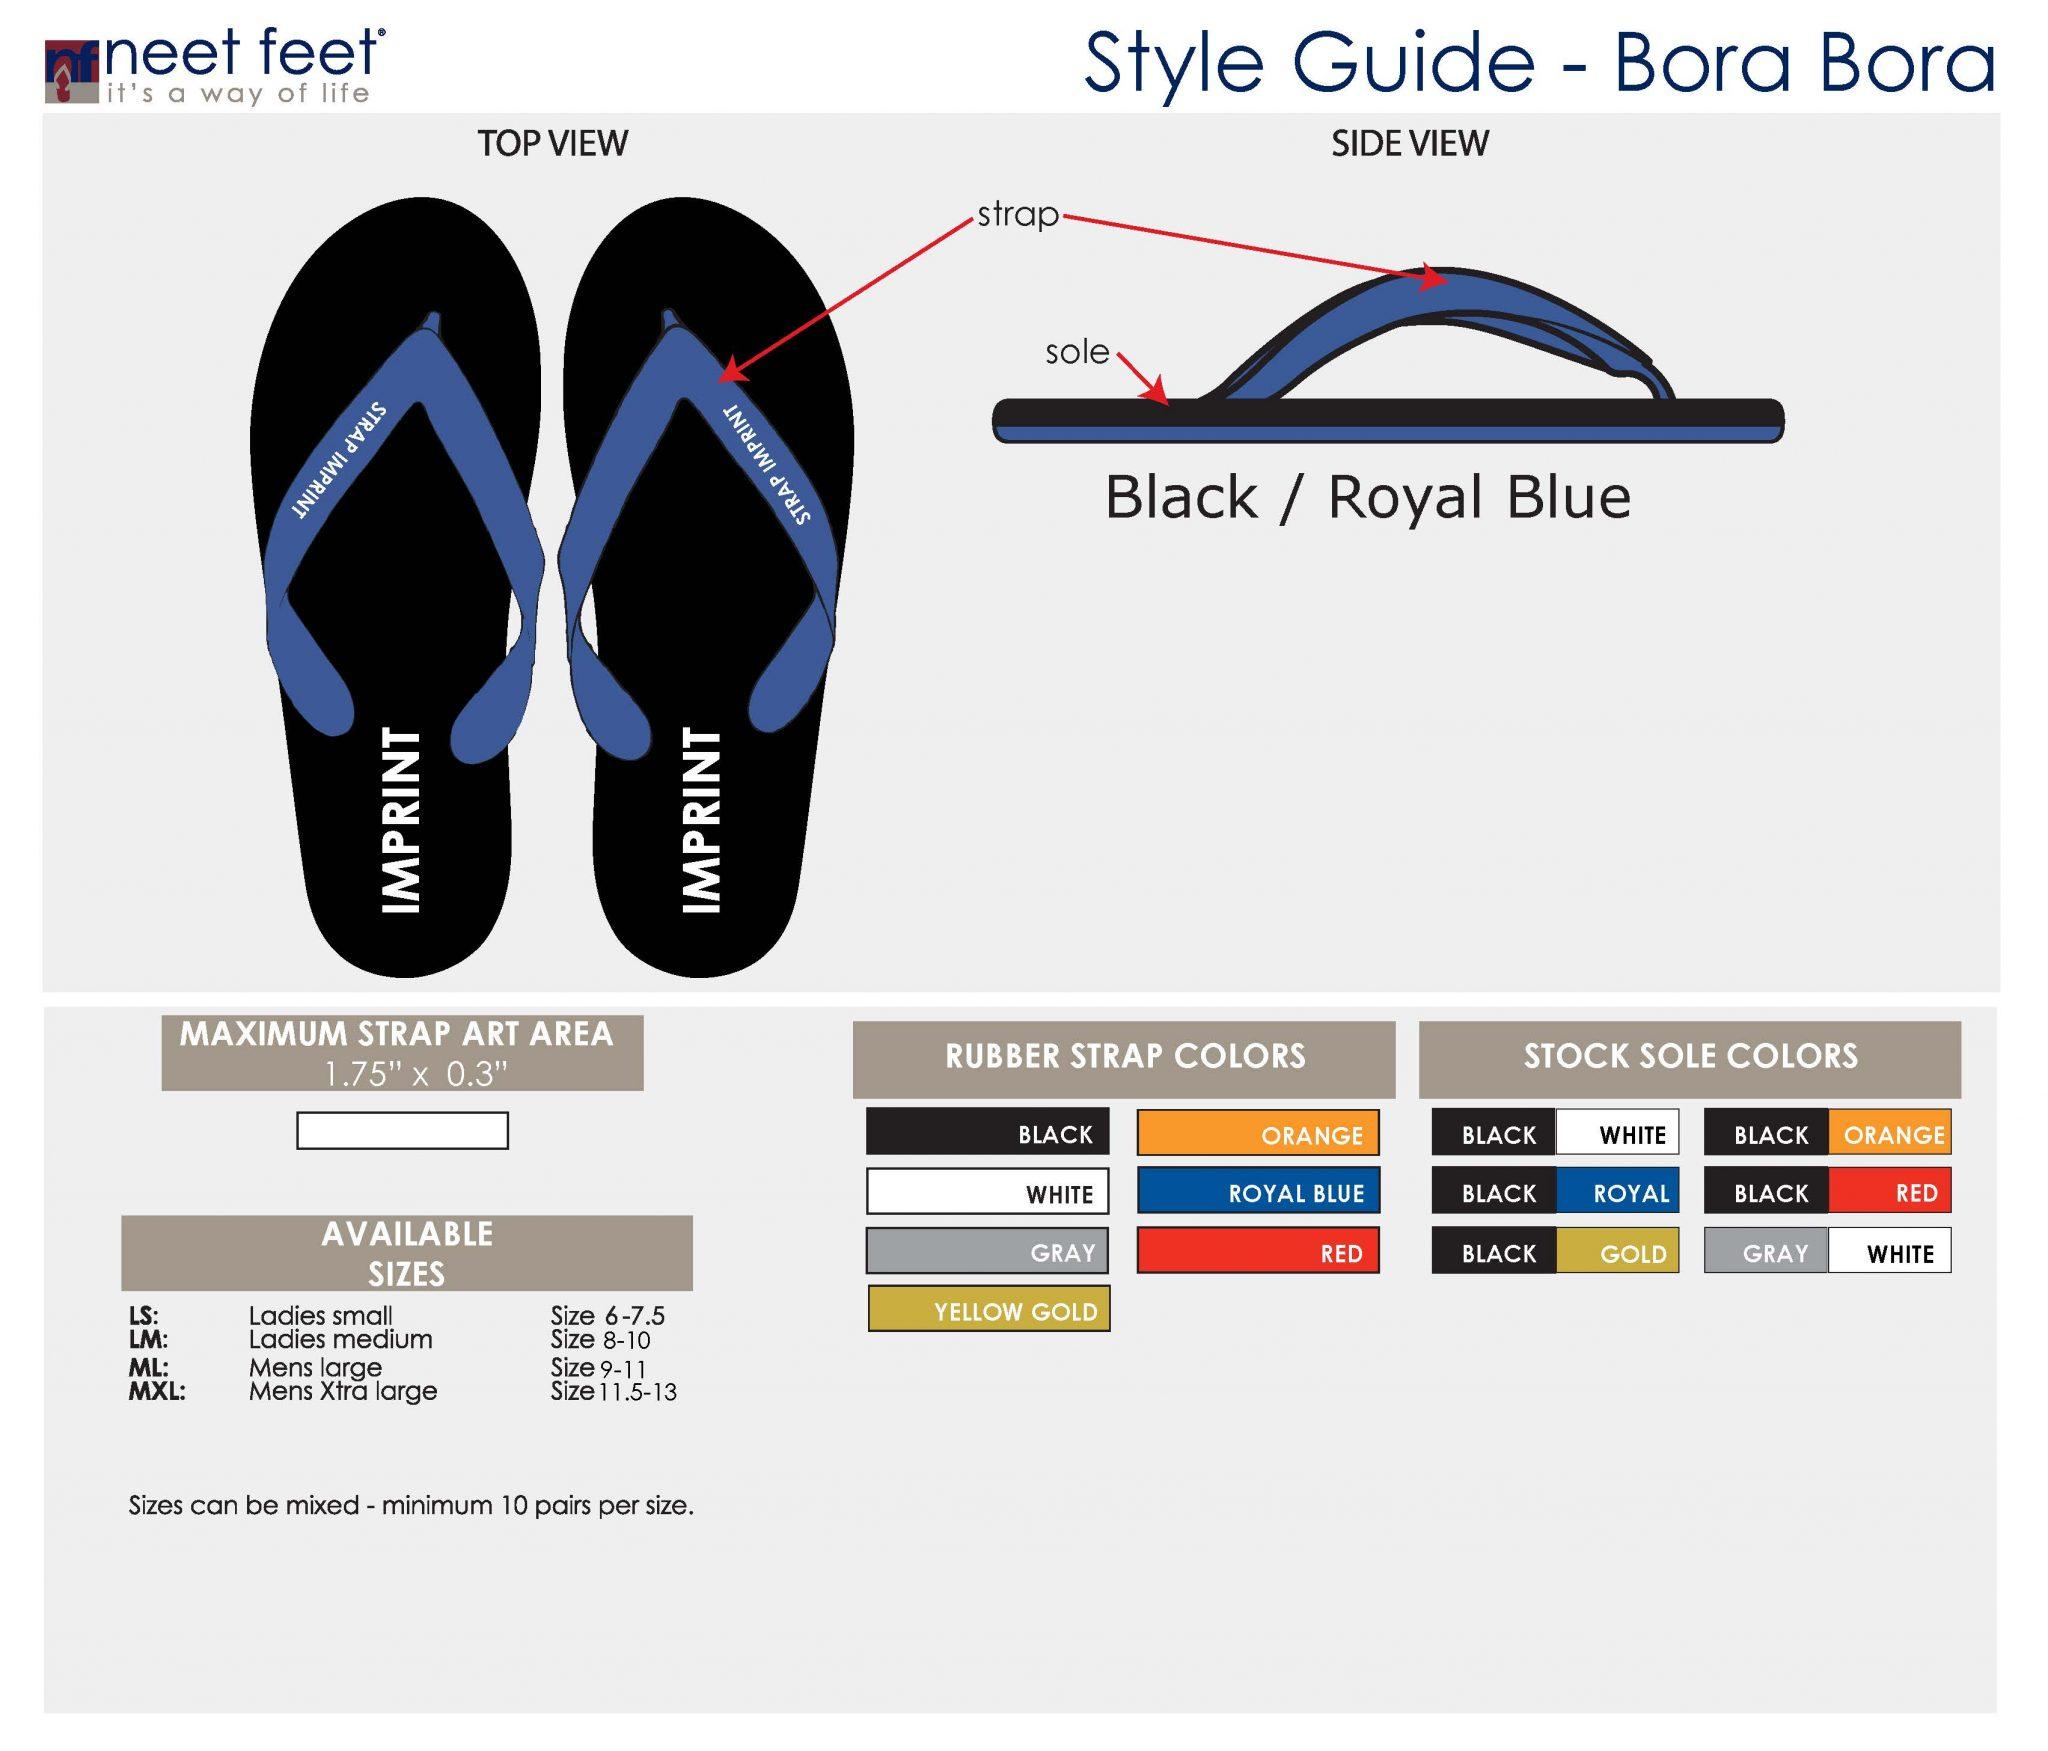 Bora Bora Style Guide